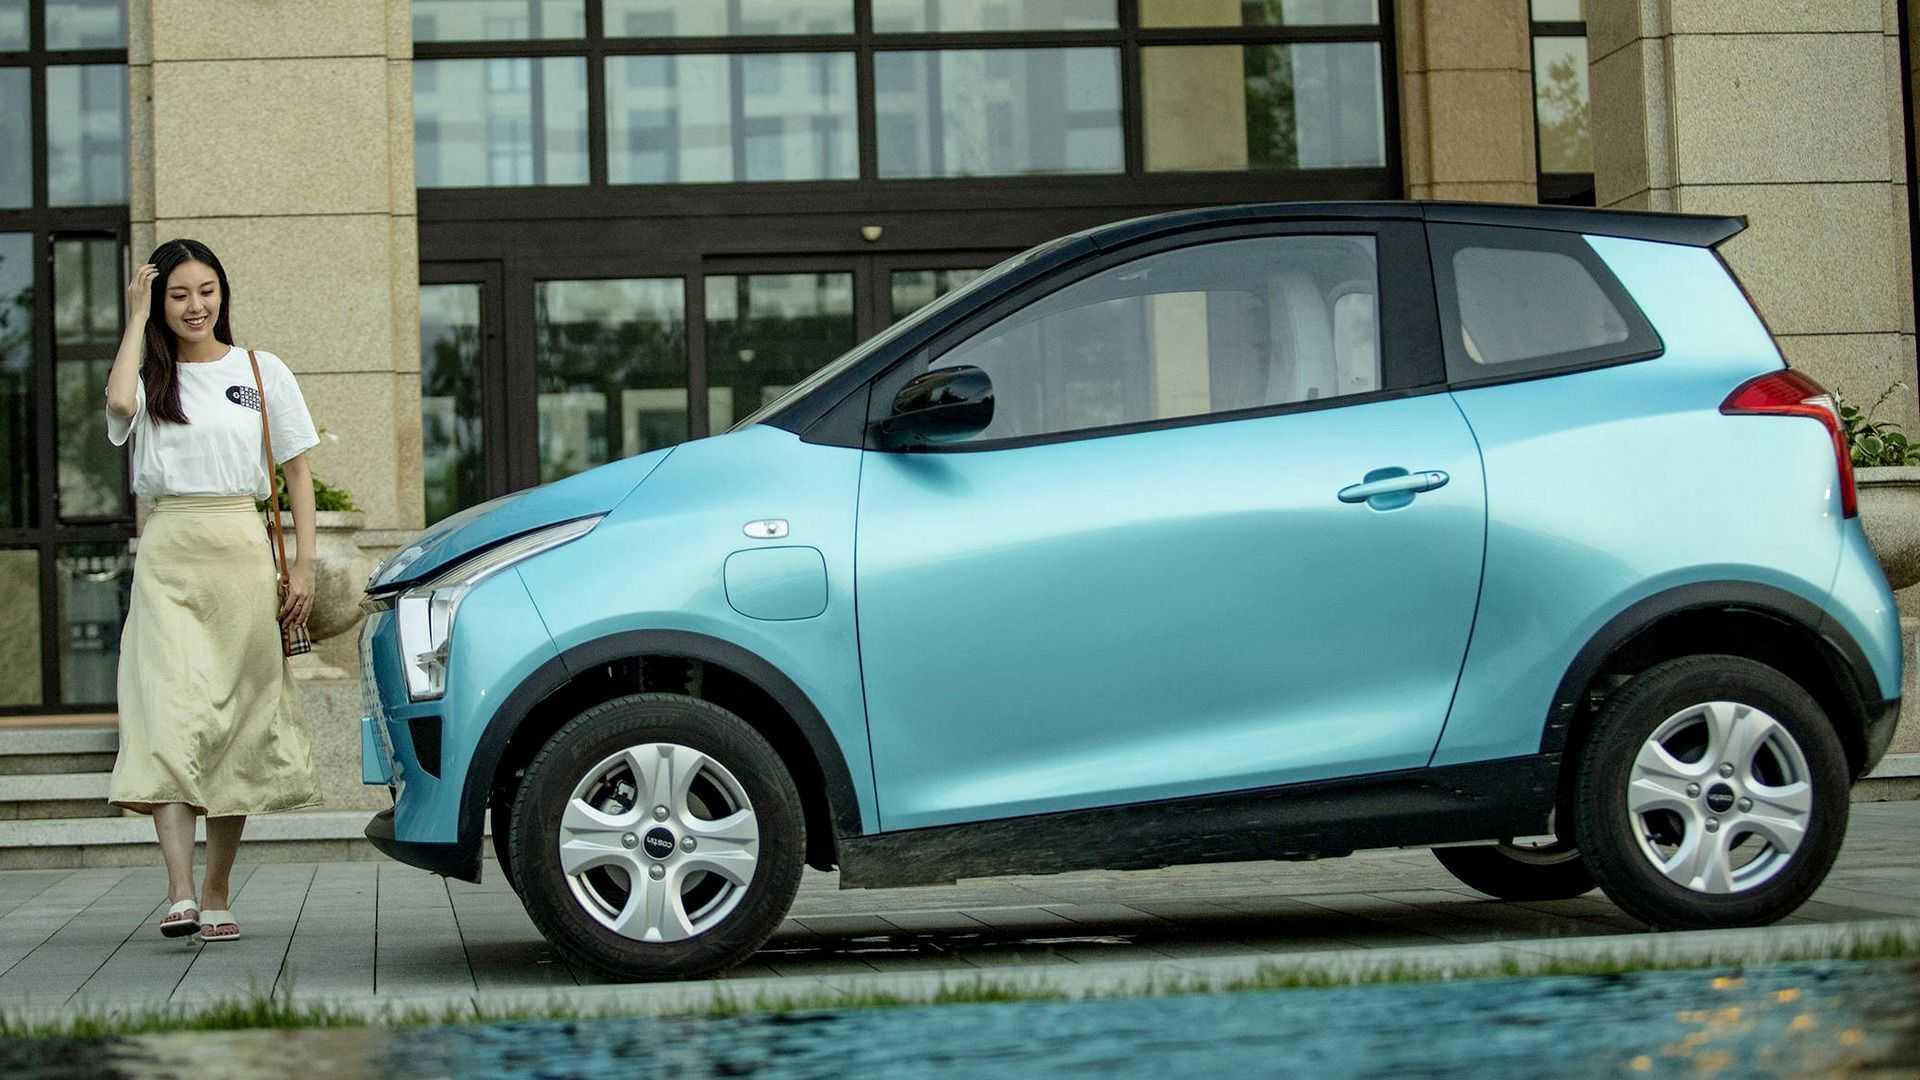 Chery випустить мініатюрний електромобіль під новим брендом